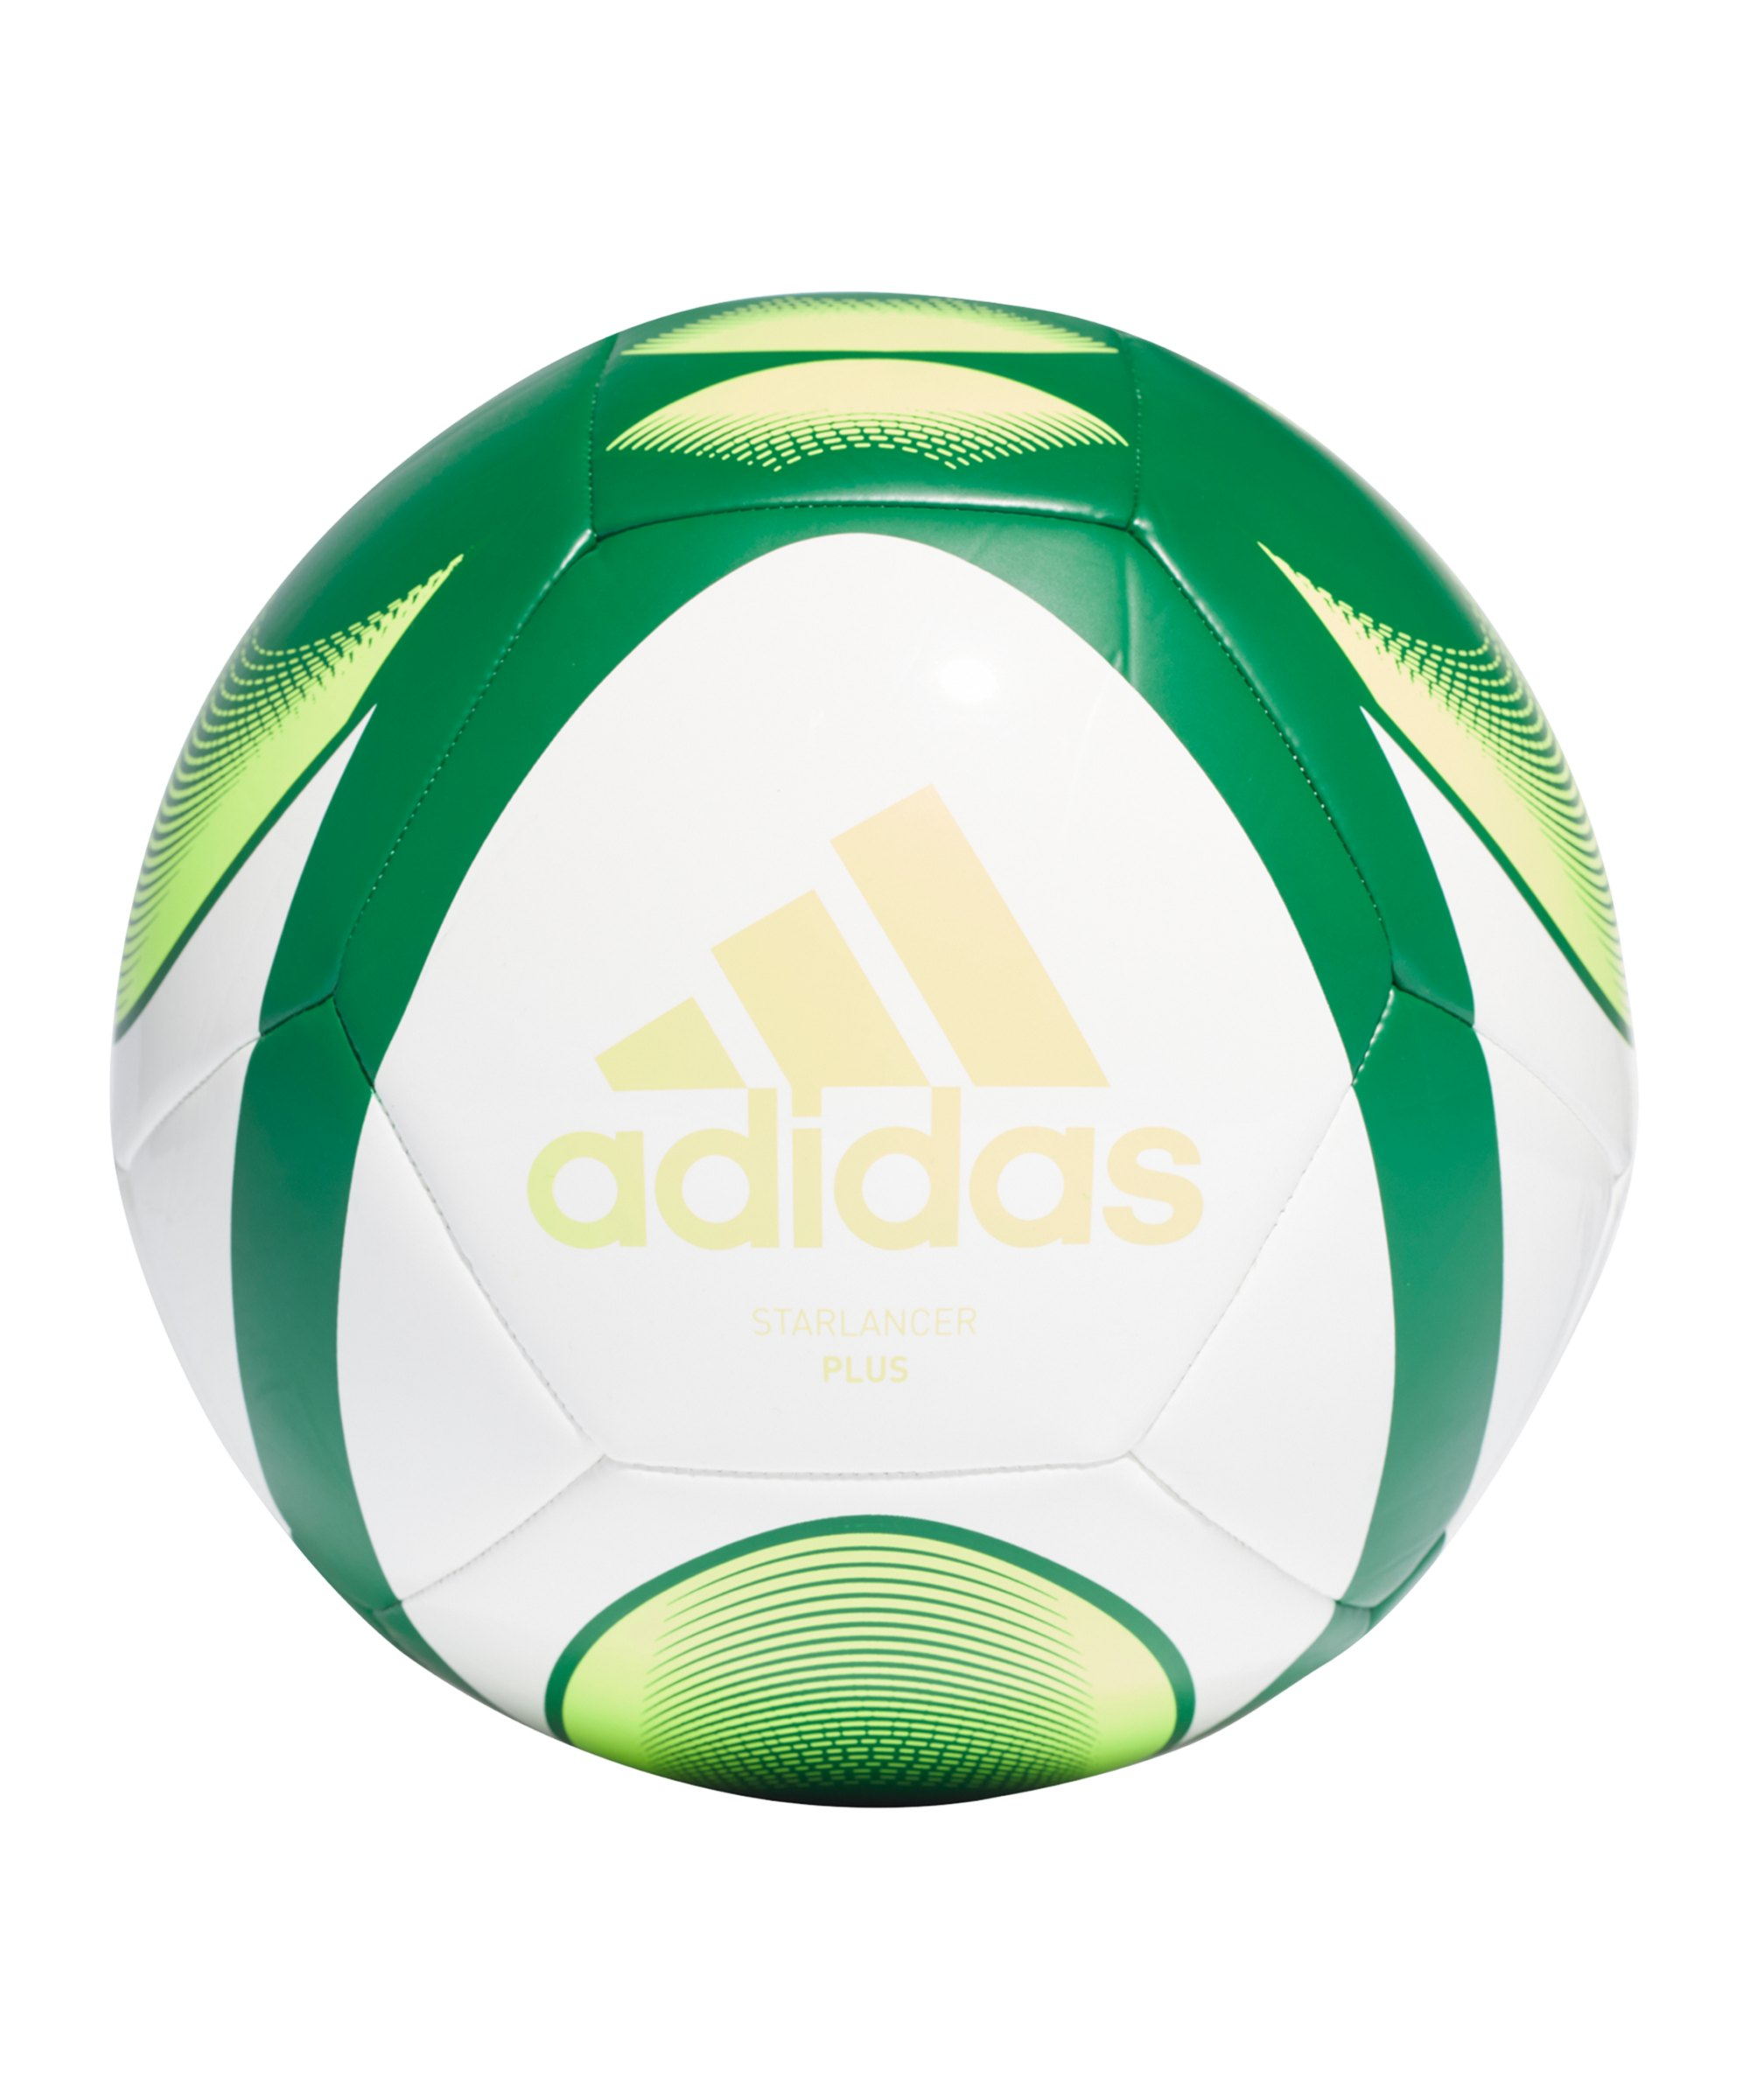 adidas Starlancer Plus Fussball Weiss Grün - weiss